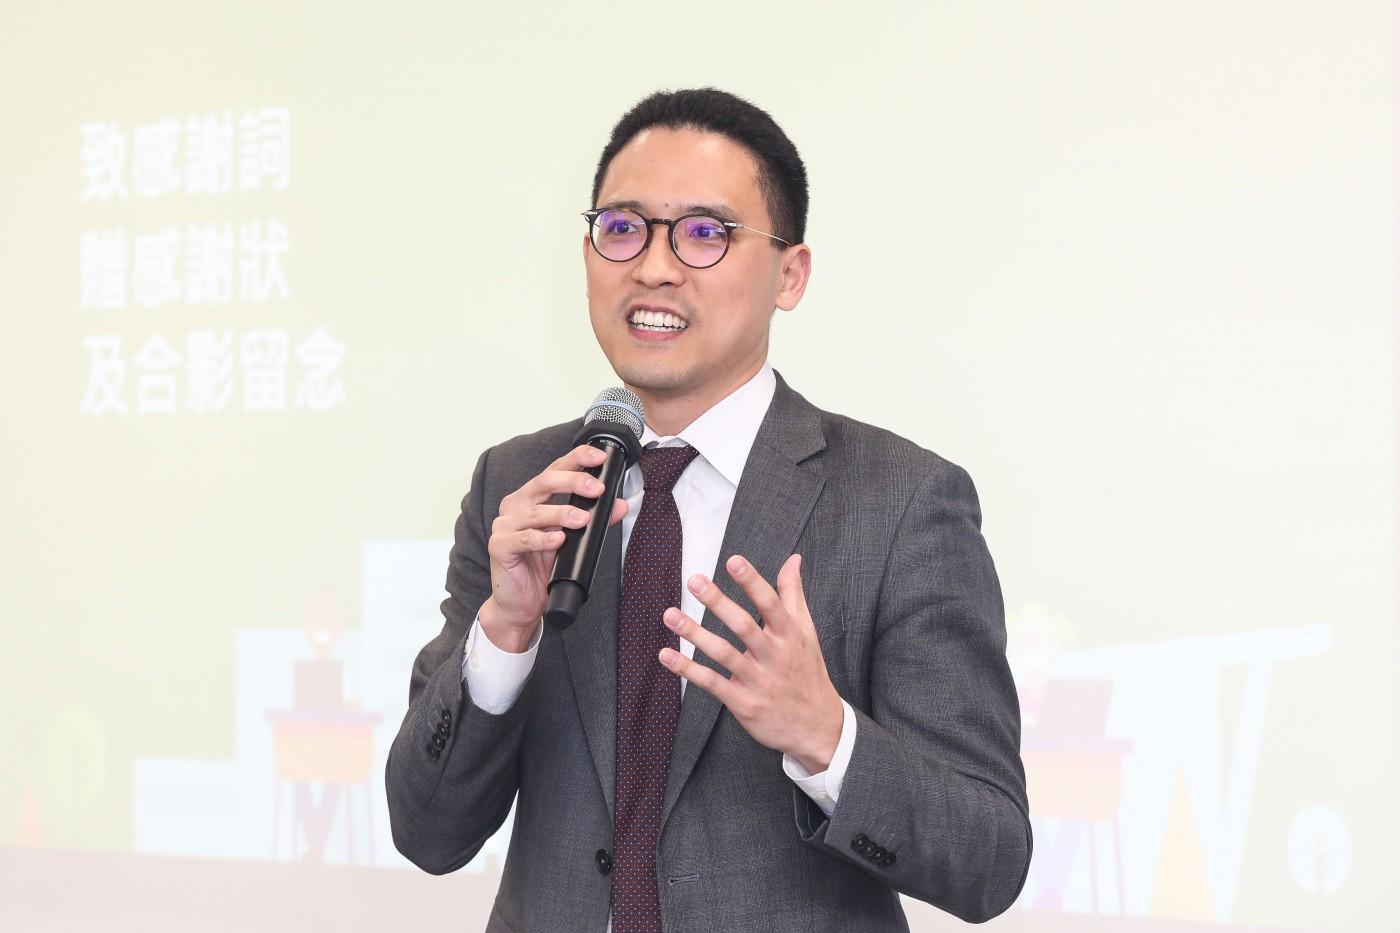 強化未來人才數位力 教育局攜手微軟加速台灣教育轉型創新 數位教學的百寶箱One Microsoft Education  用科技改寫教育現場